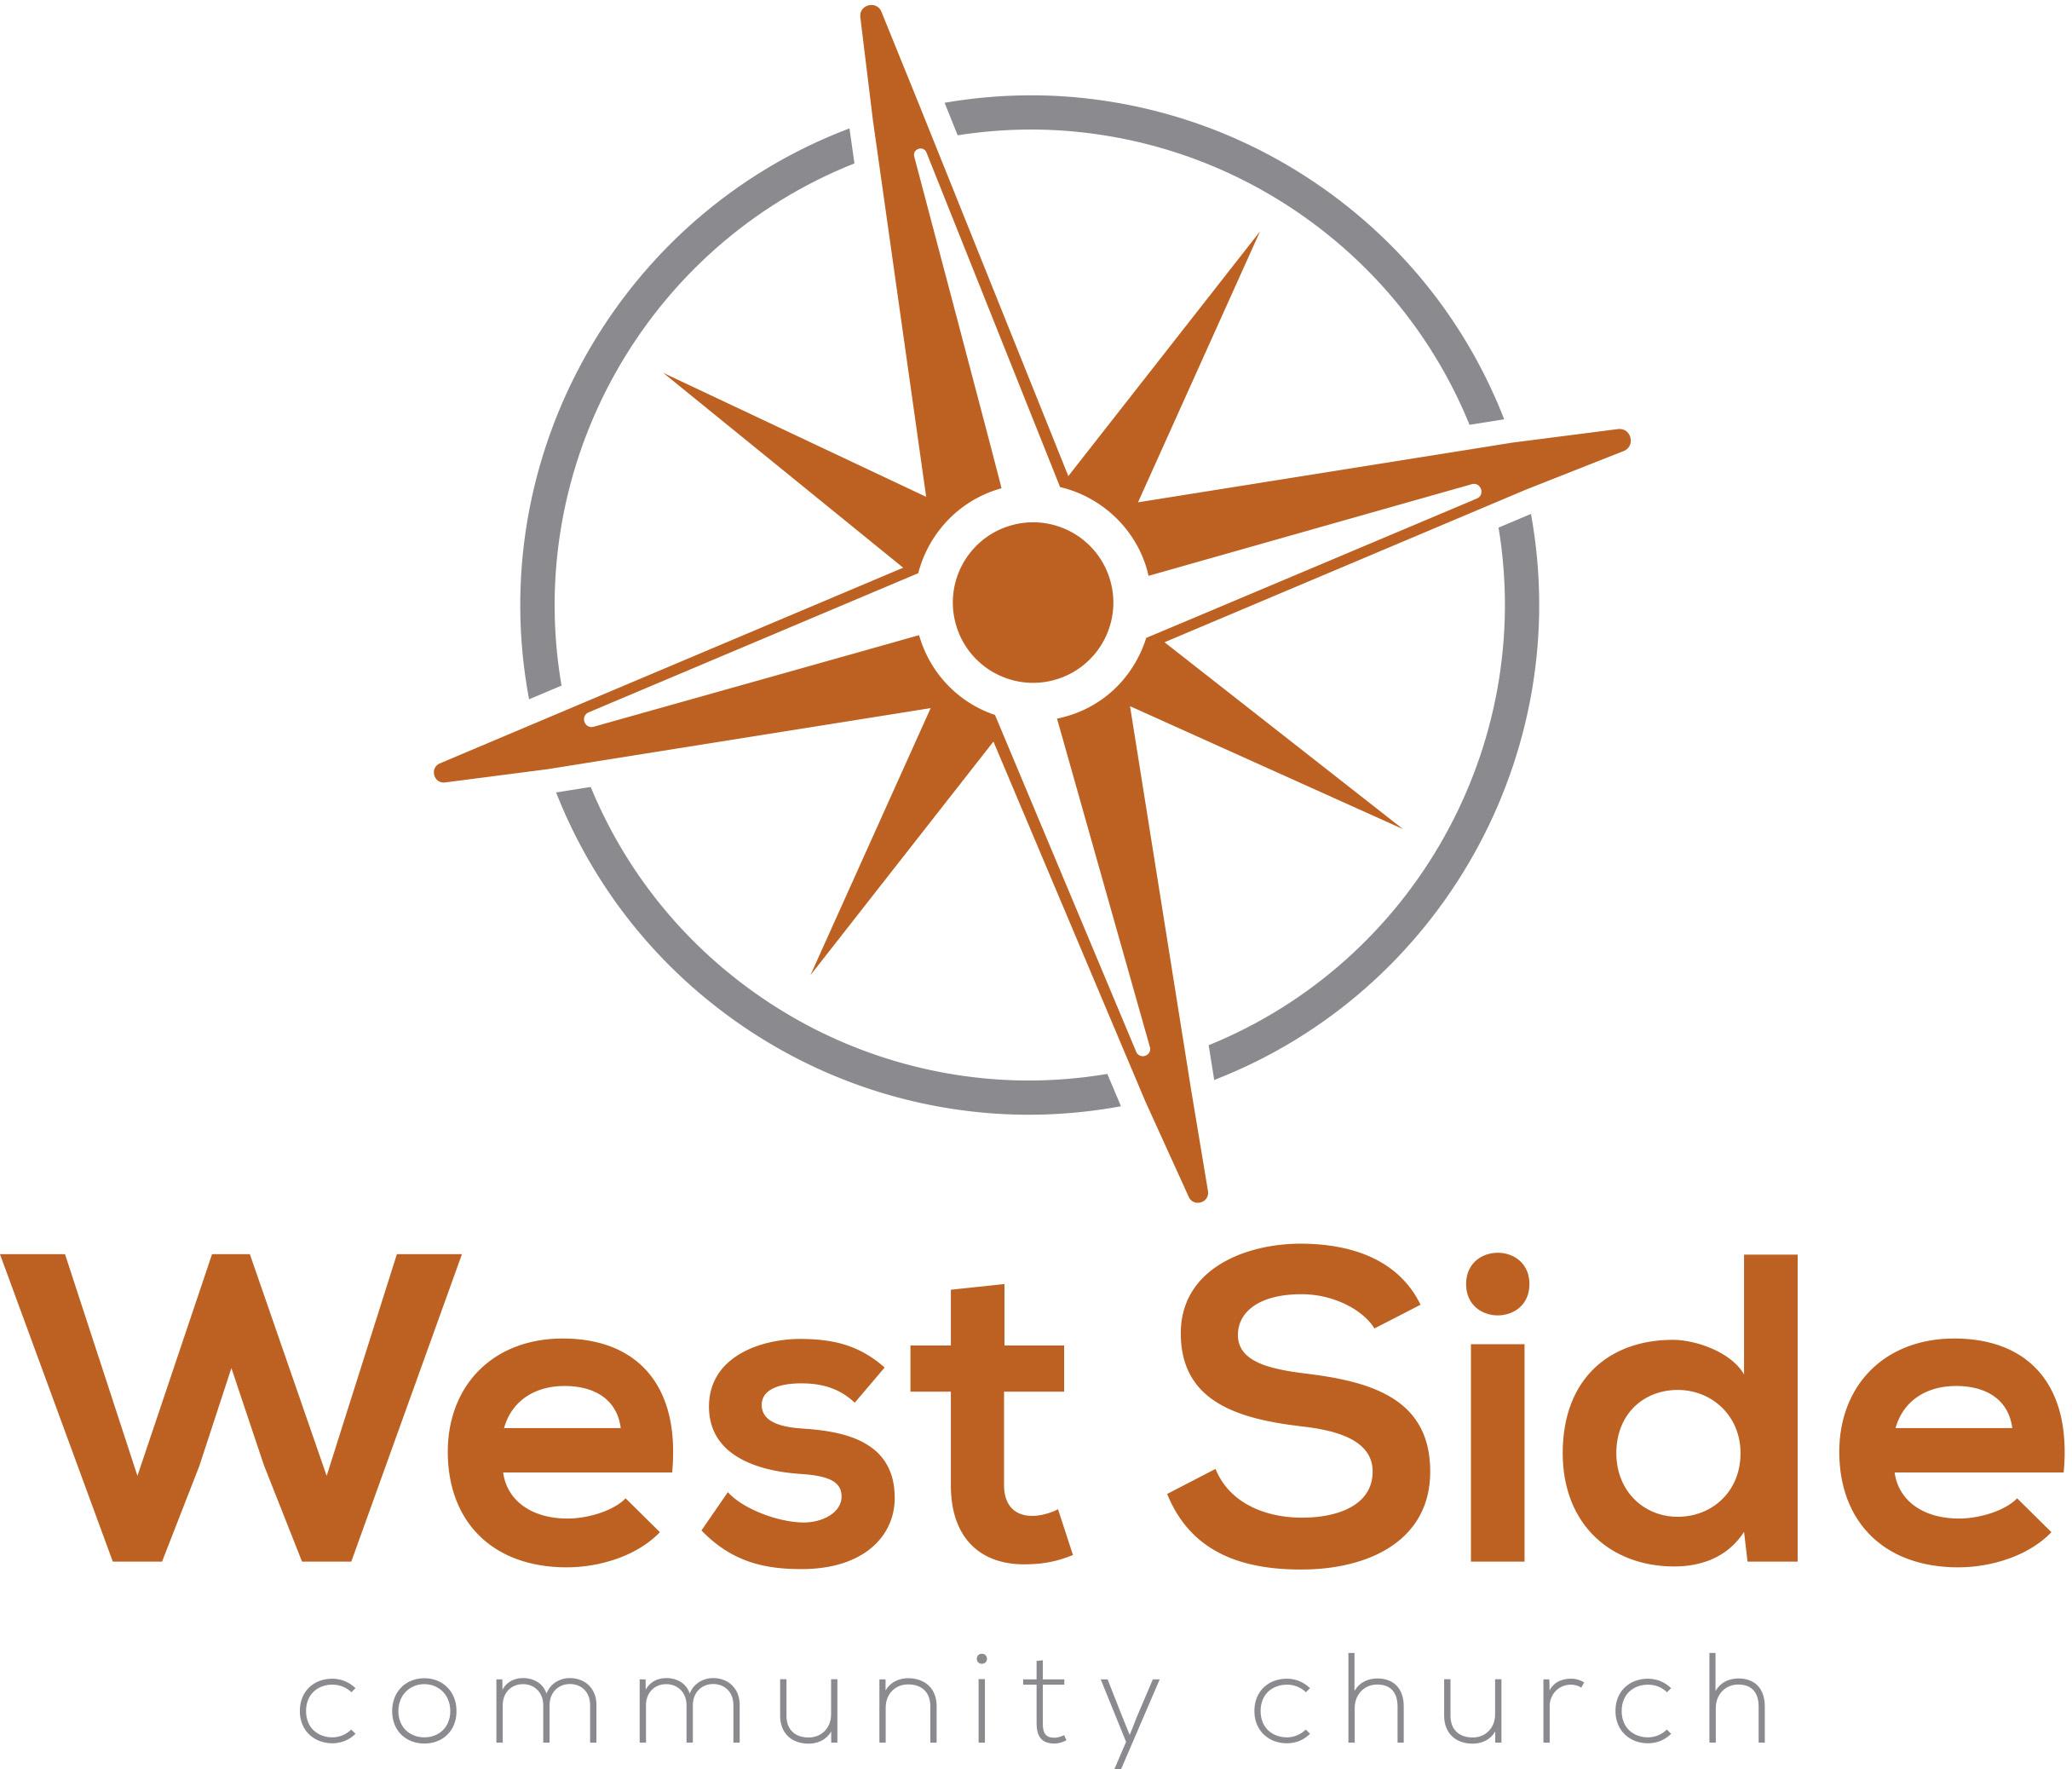 West Side Community Church